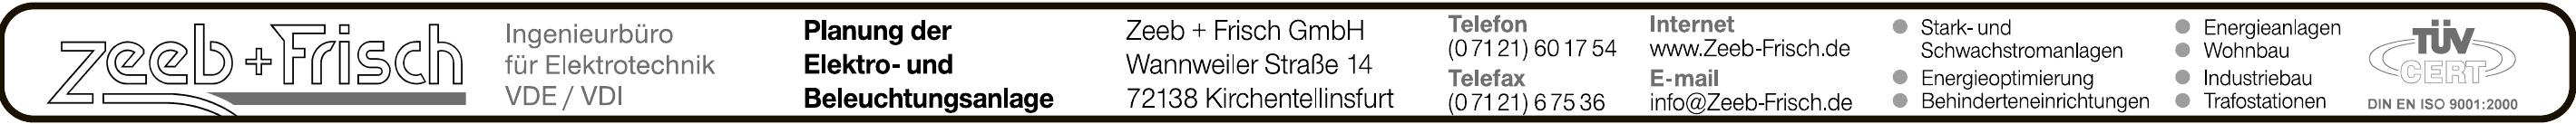 Zeeb + Frisch Gmbh